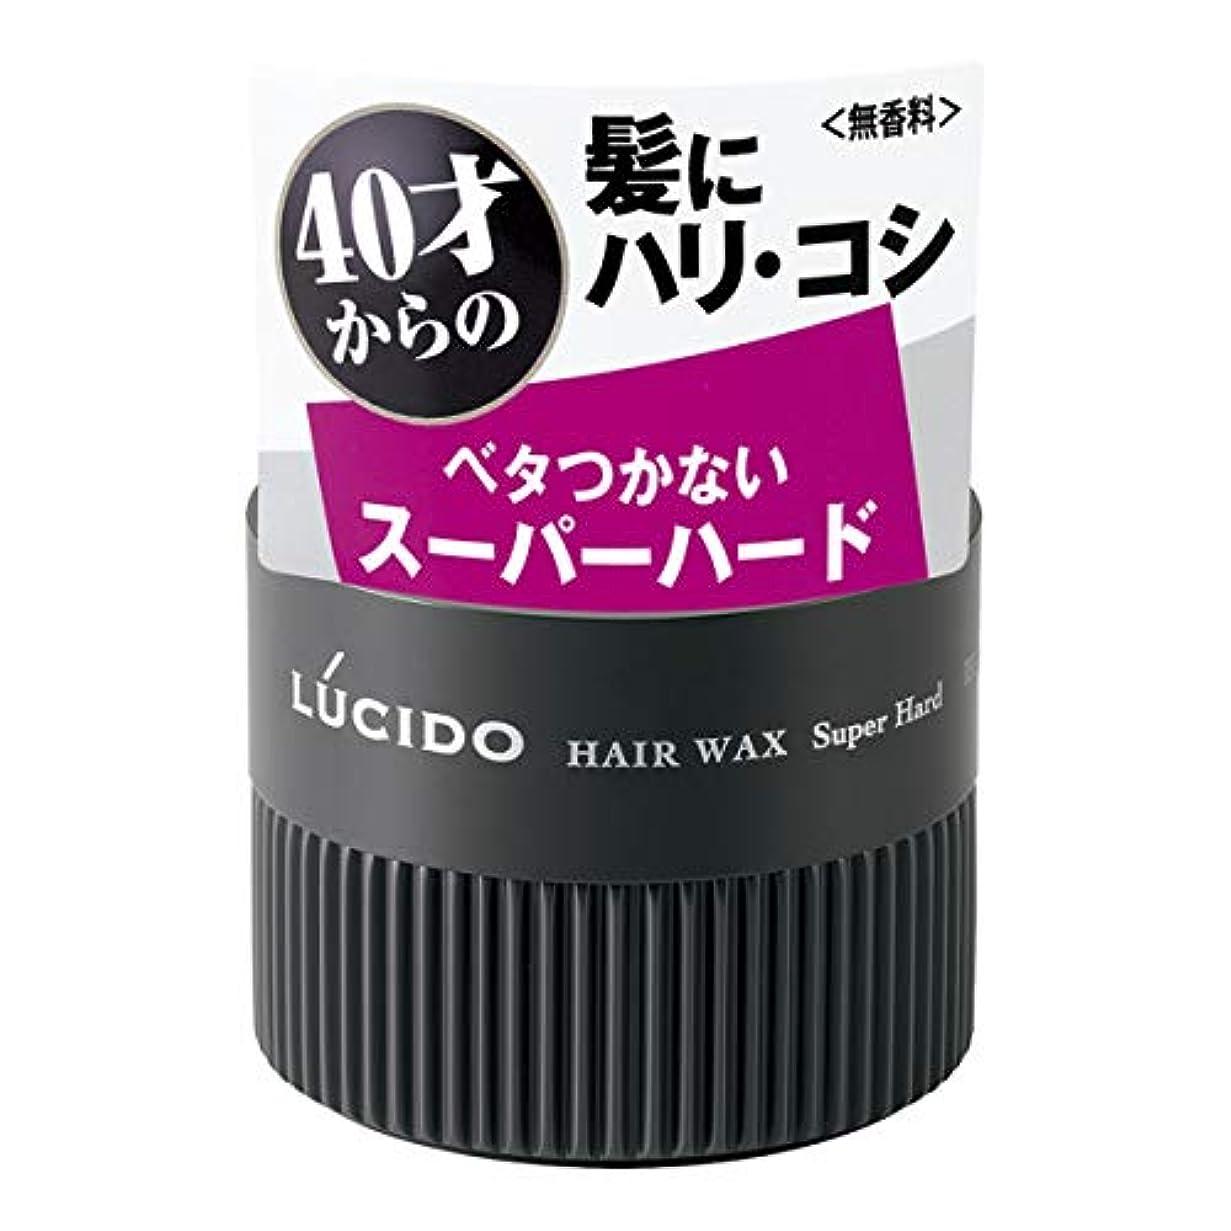 モーテルジョガー傾いたLUCIDO(ルシード) ヘアワックス スーパーハード 80g